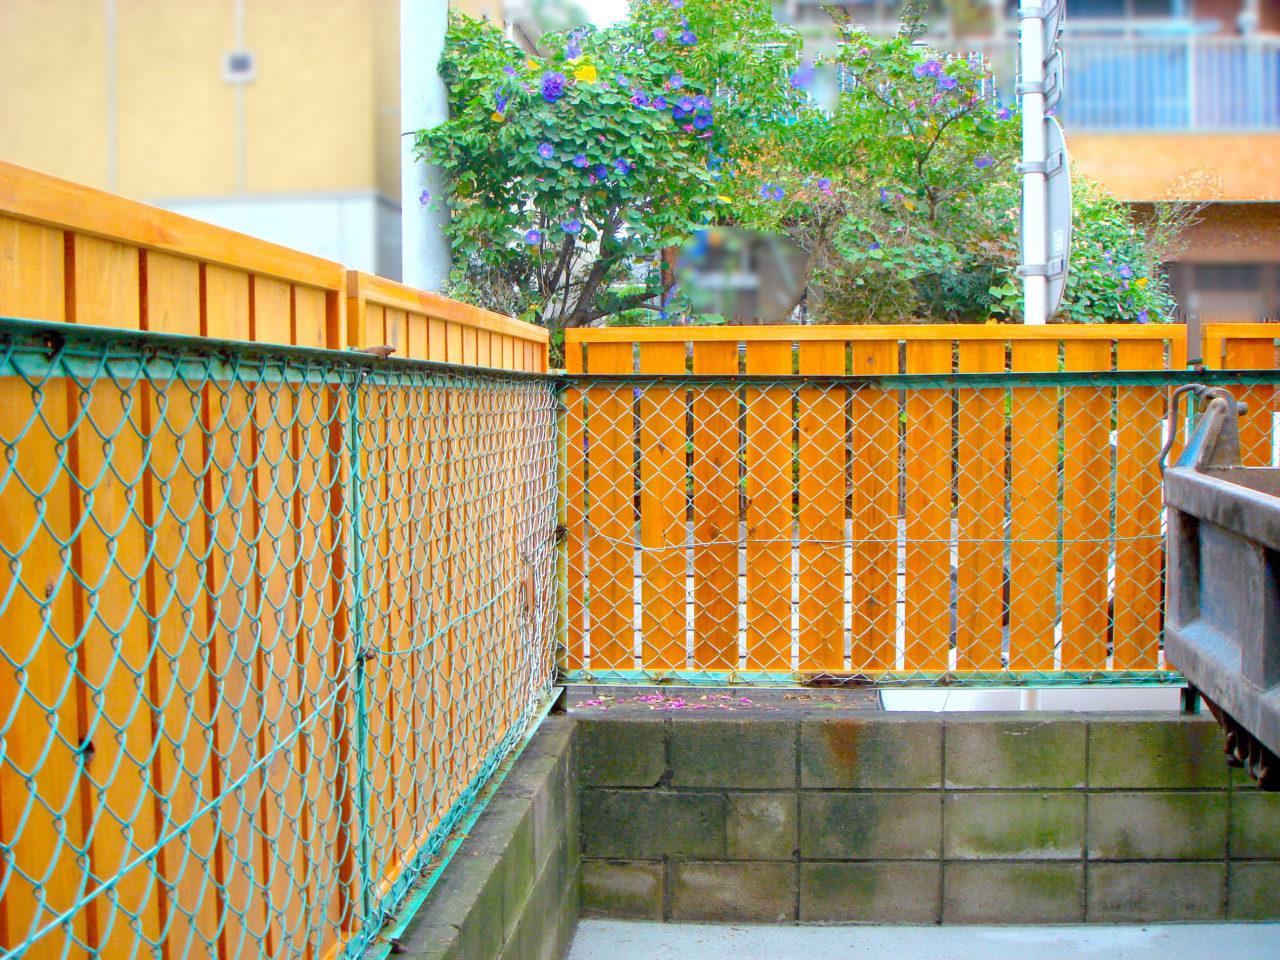 裏から見ると元のフェンスを利用していることがわかります